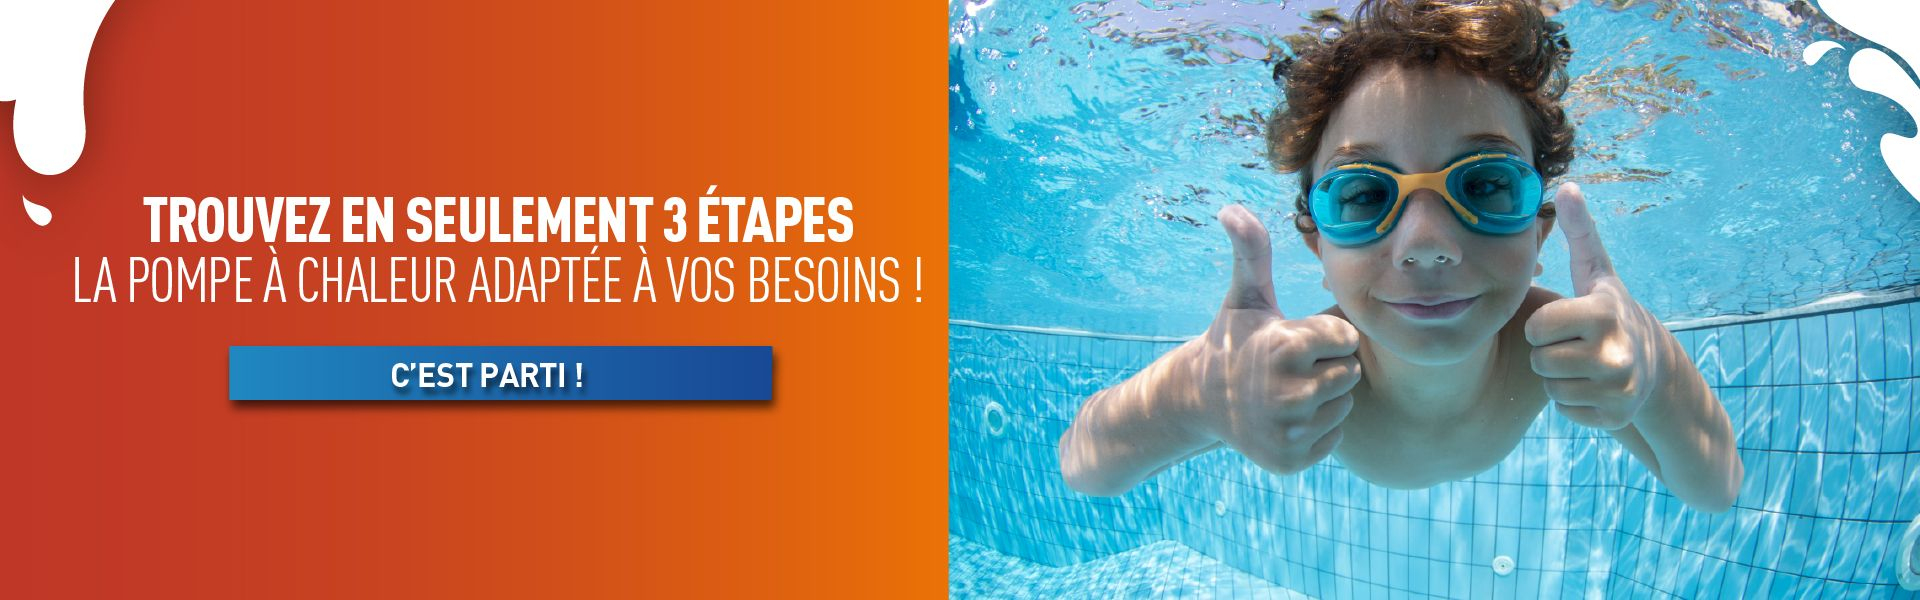 Cash Piscines - Tout Pour La Piscine & Spas Gonflables ... avec Piscine Discount Firminy